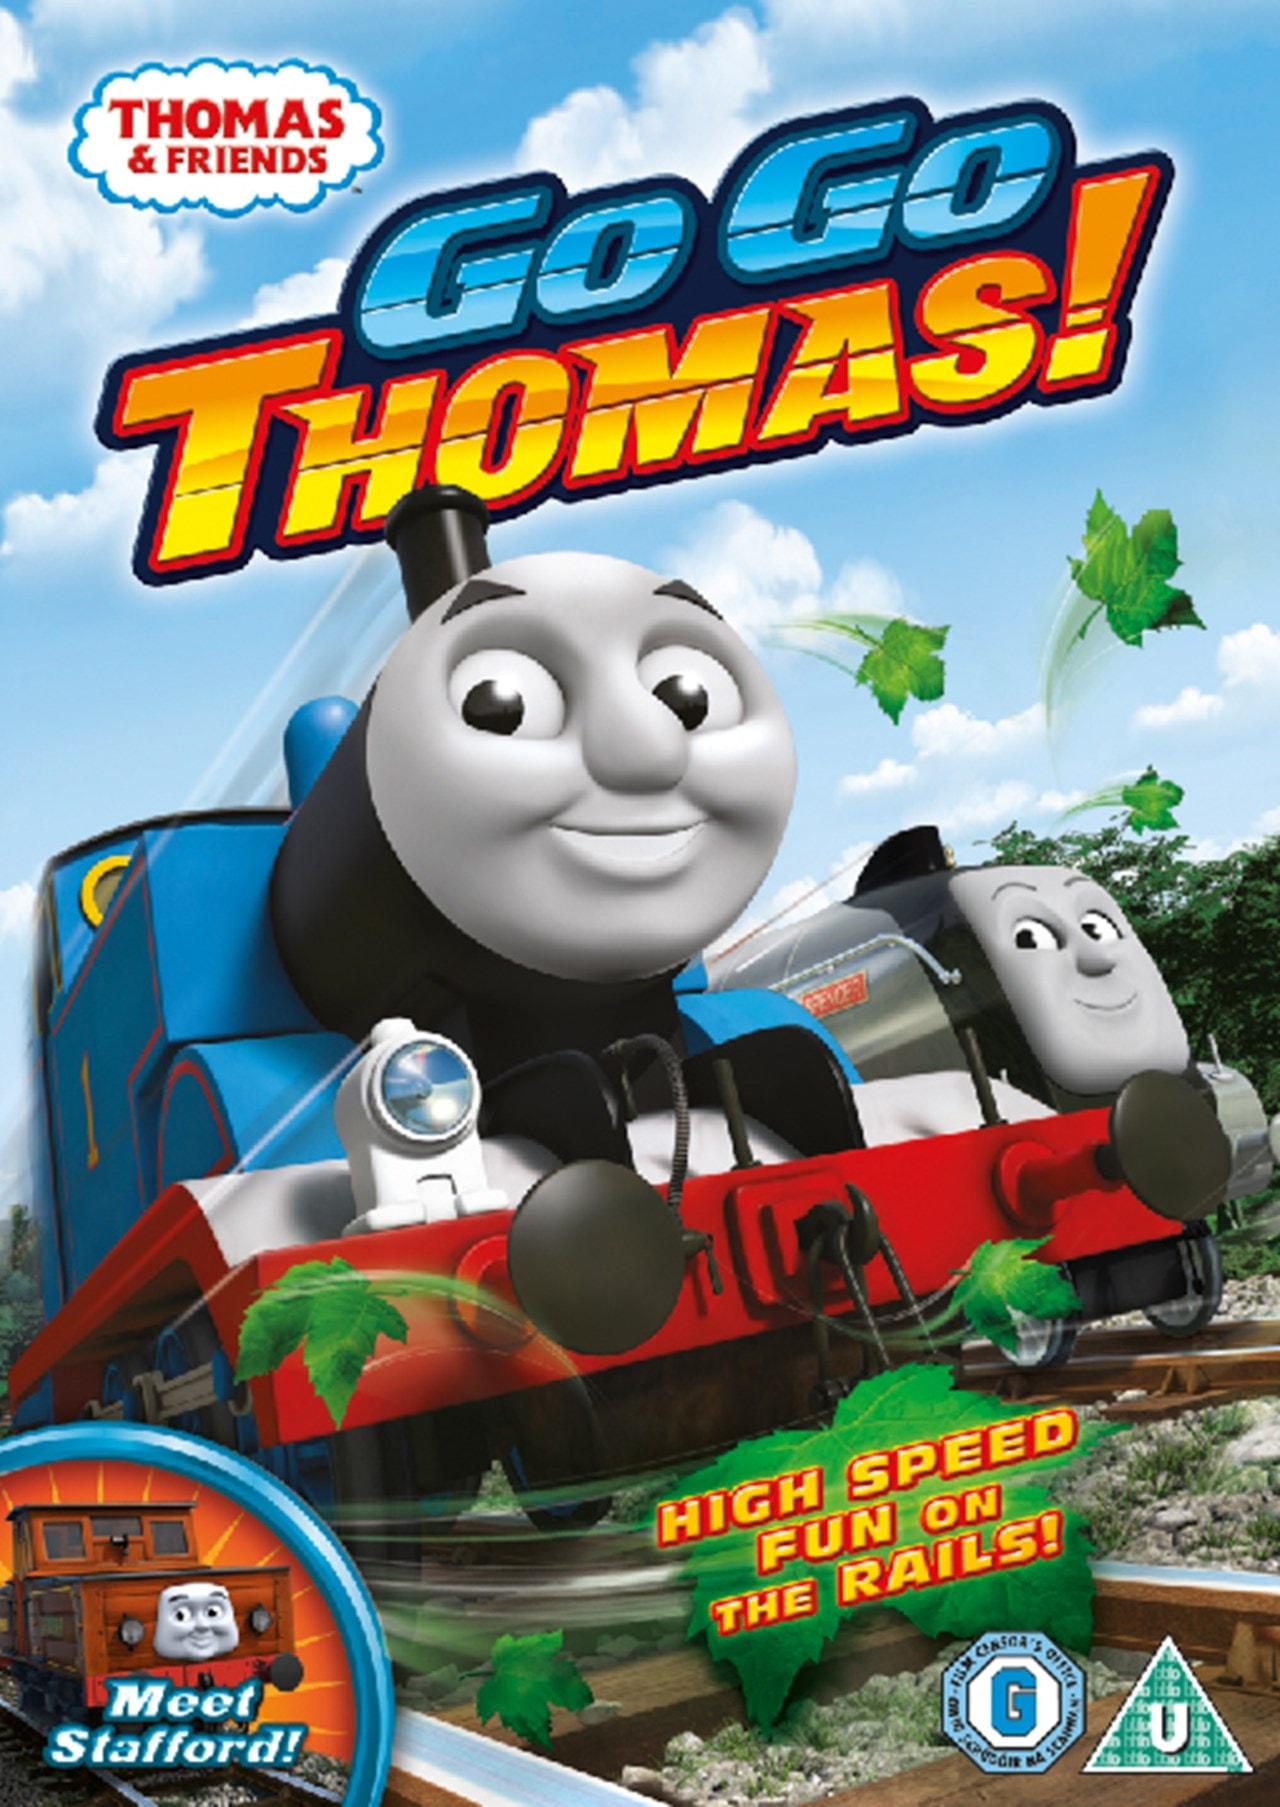 Thomas & Friends: Go Go Thomas - 1